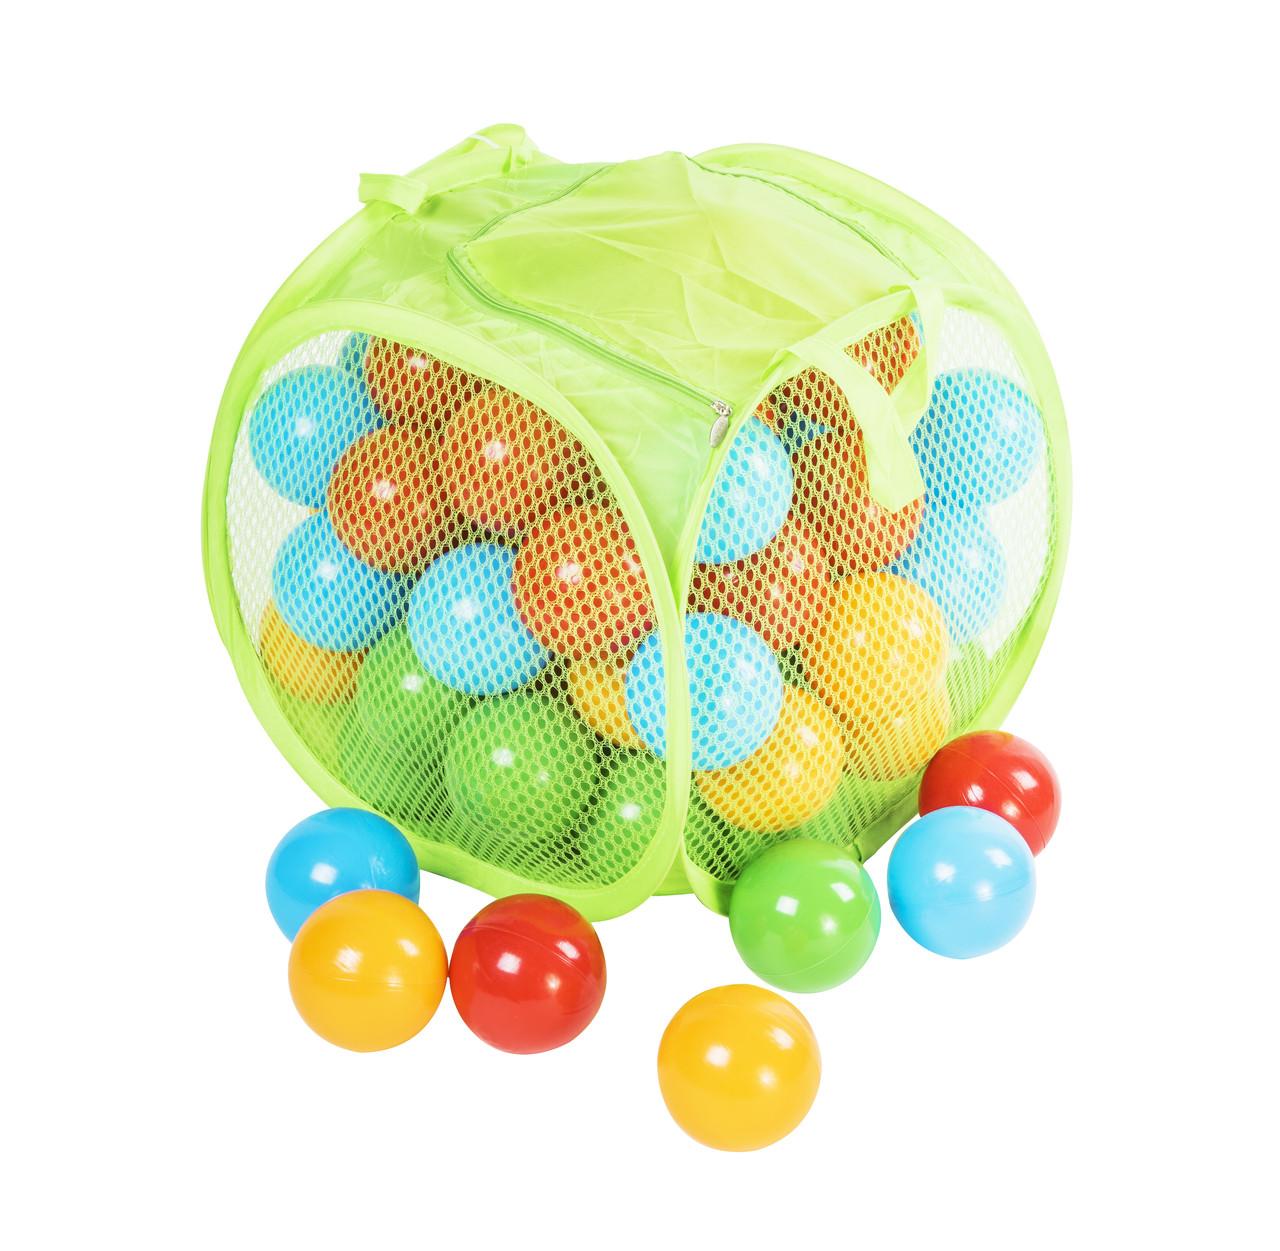 Набор шариков,80шт. арт. 467\80(шт.)